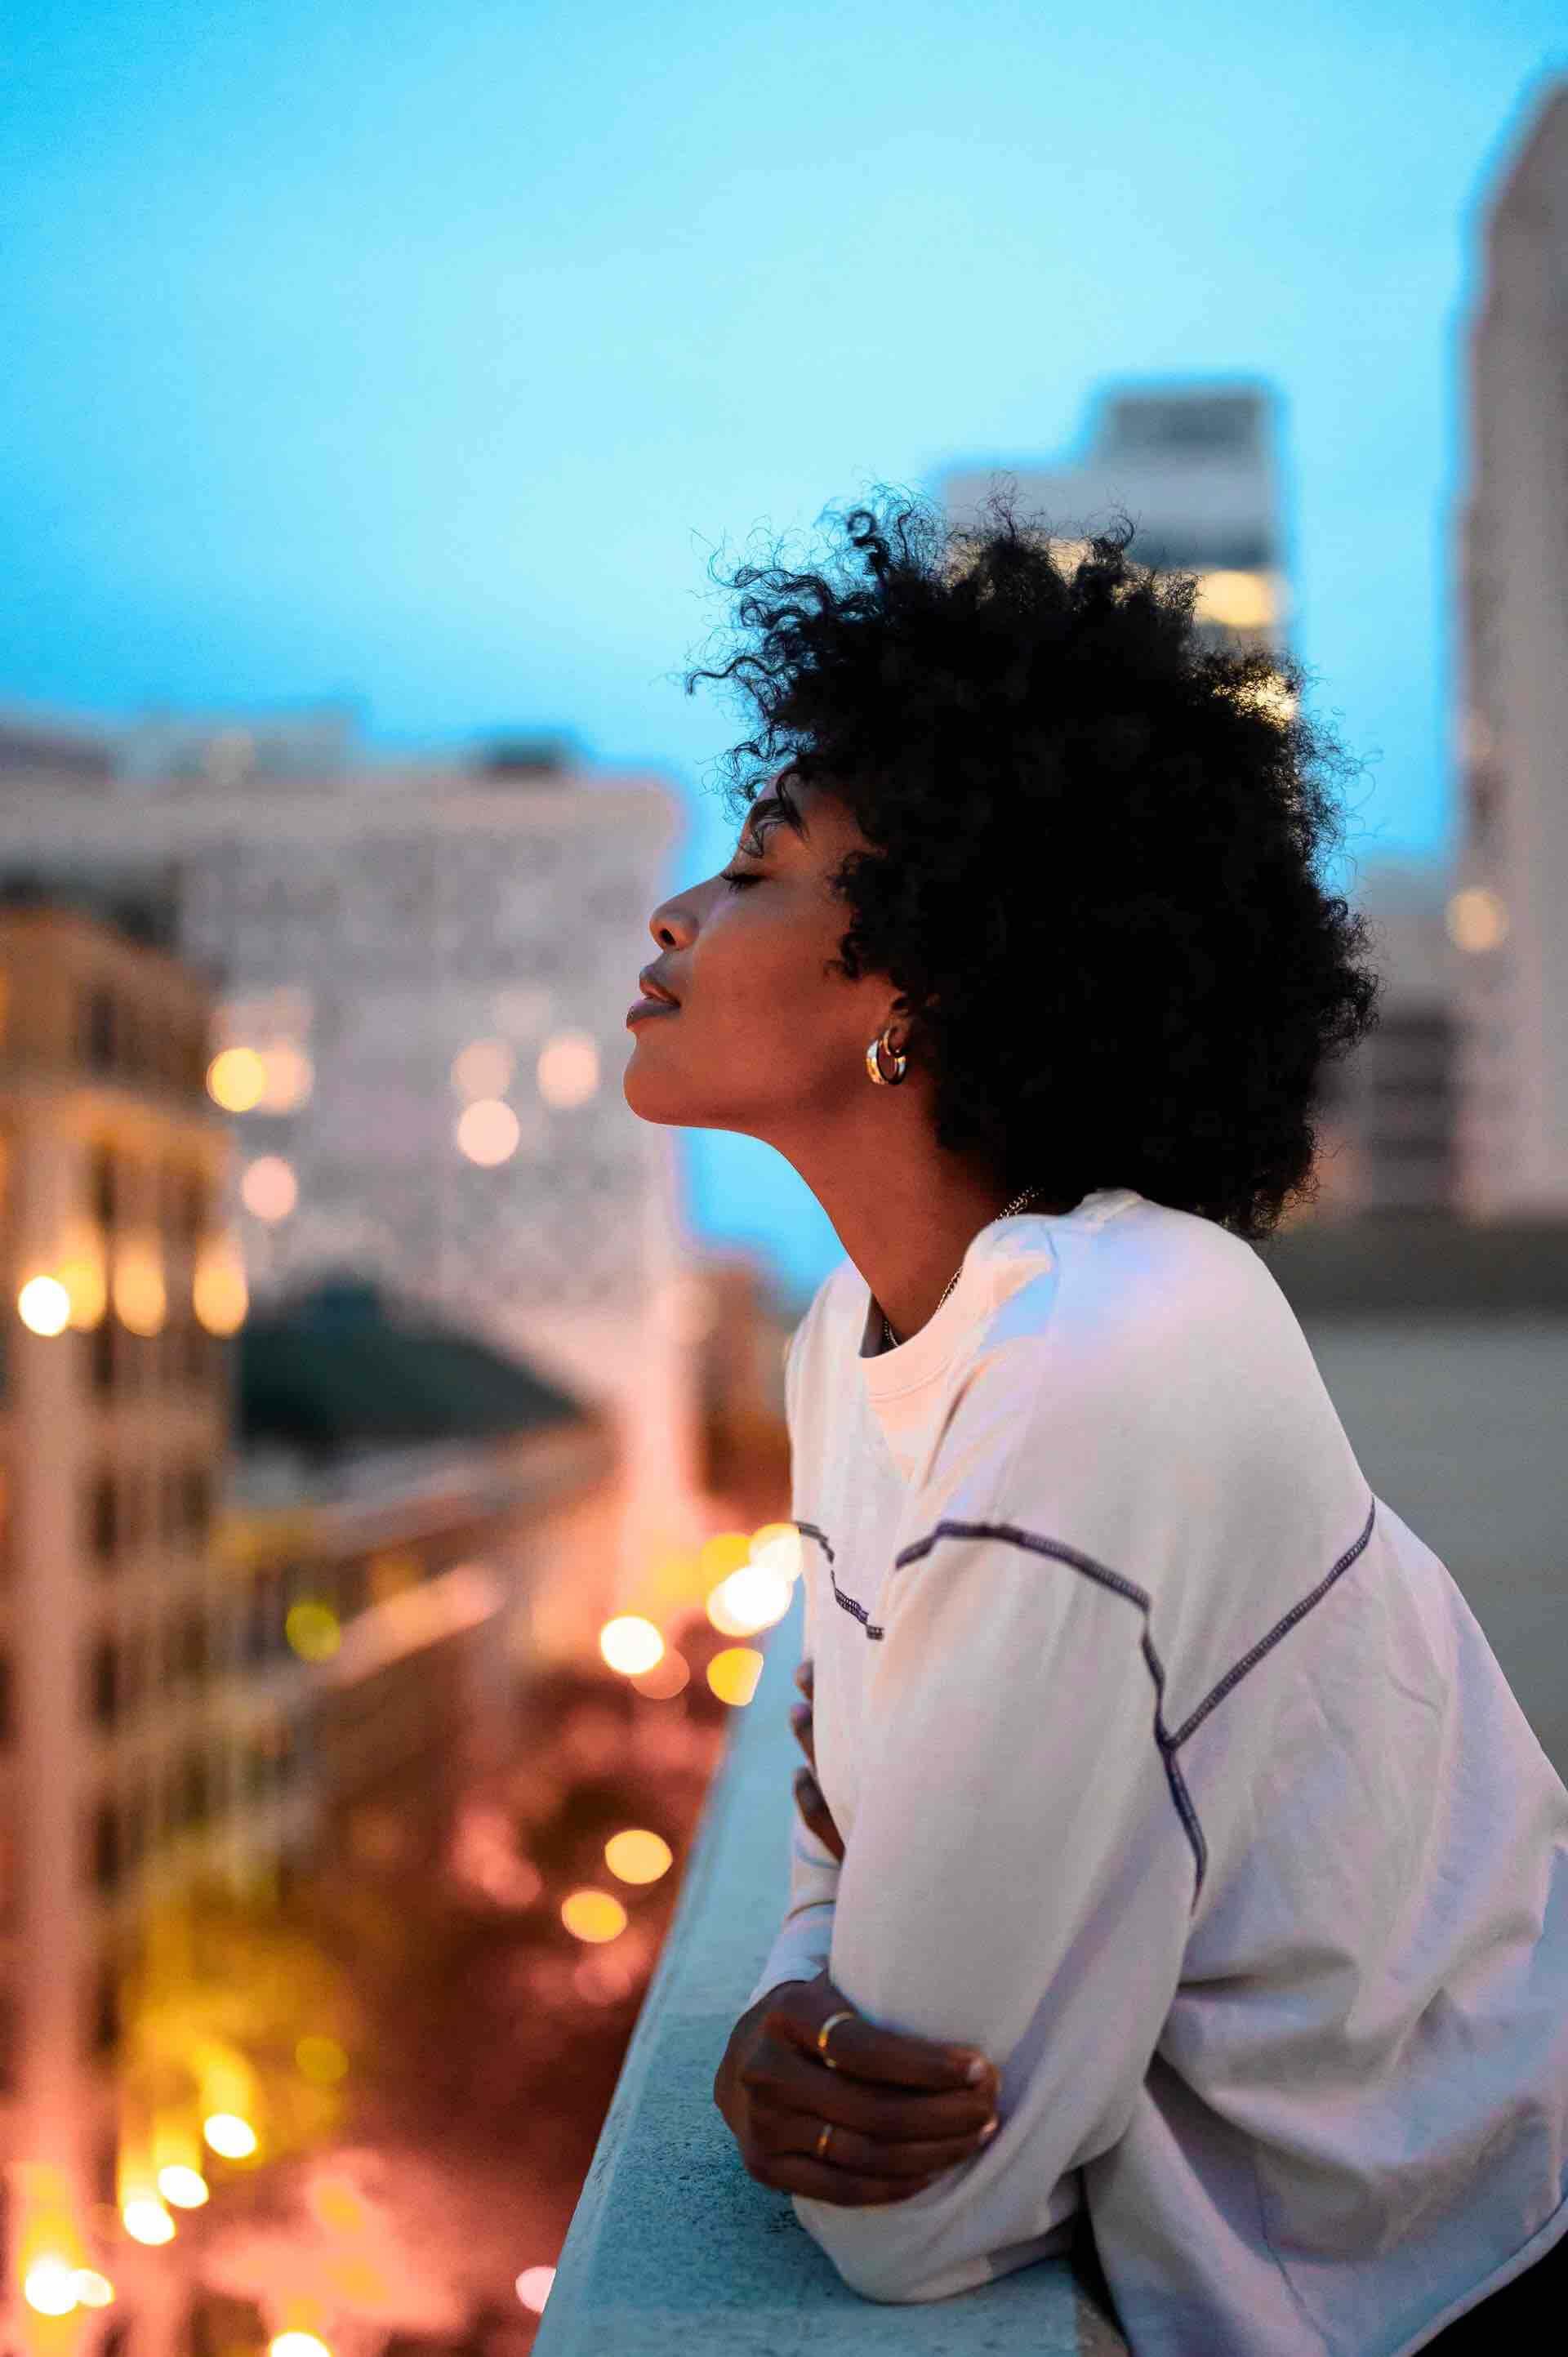 femme fierté noire bonheur heureuse balcon vue ville